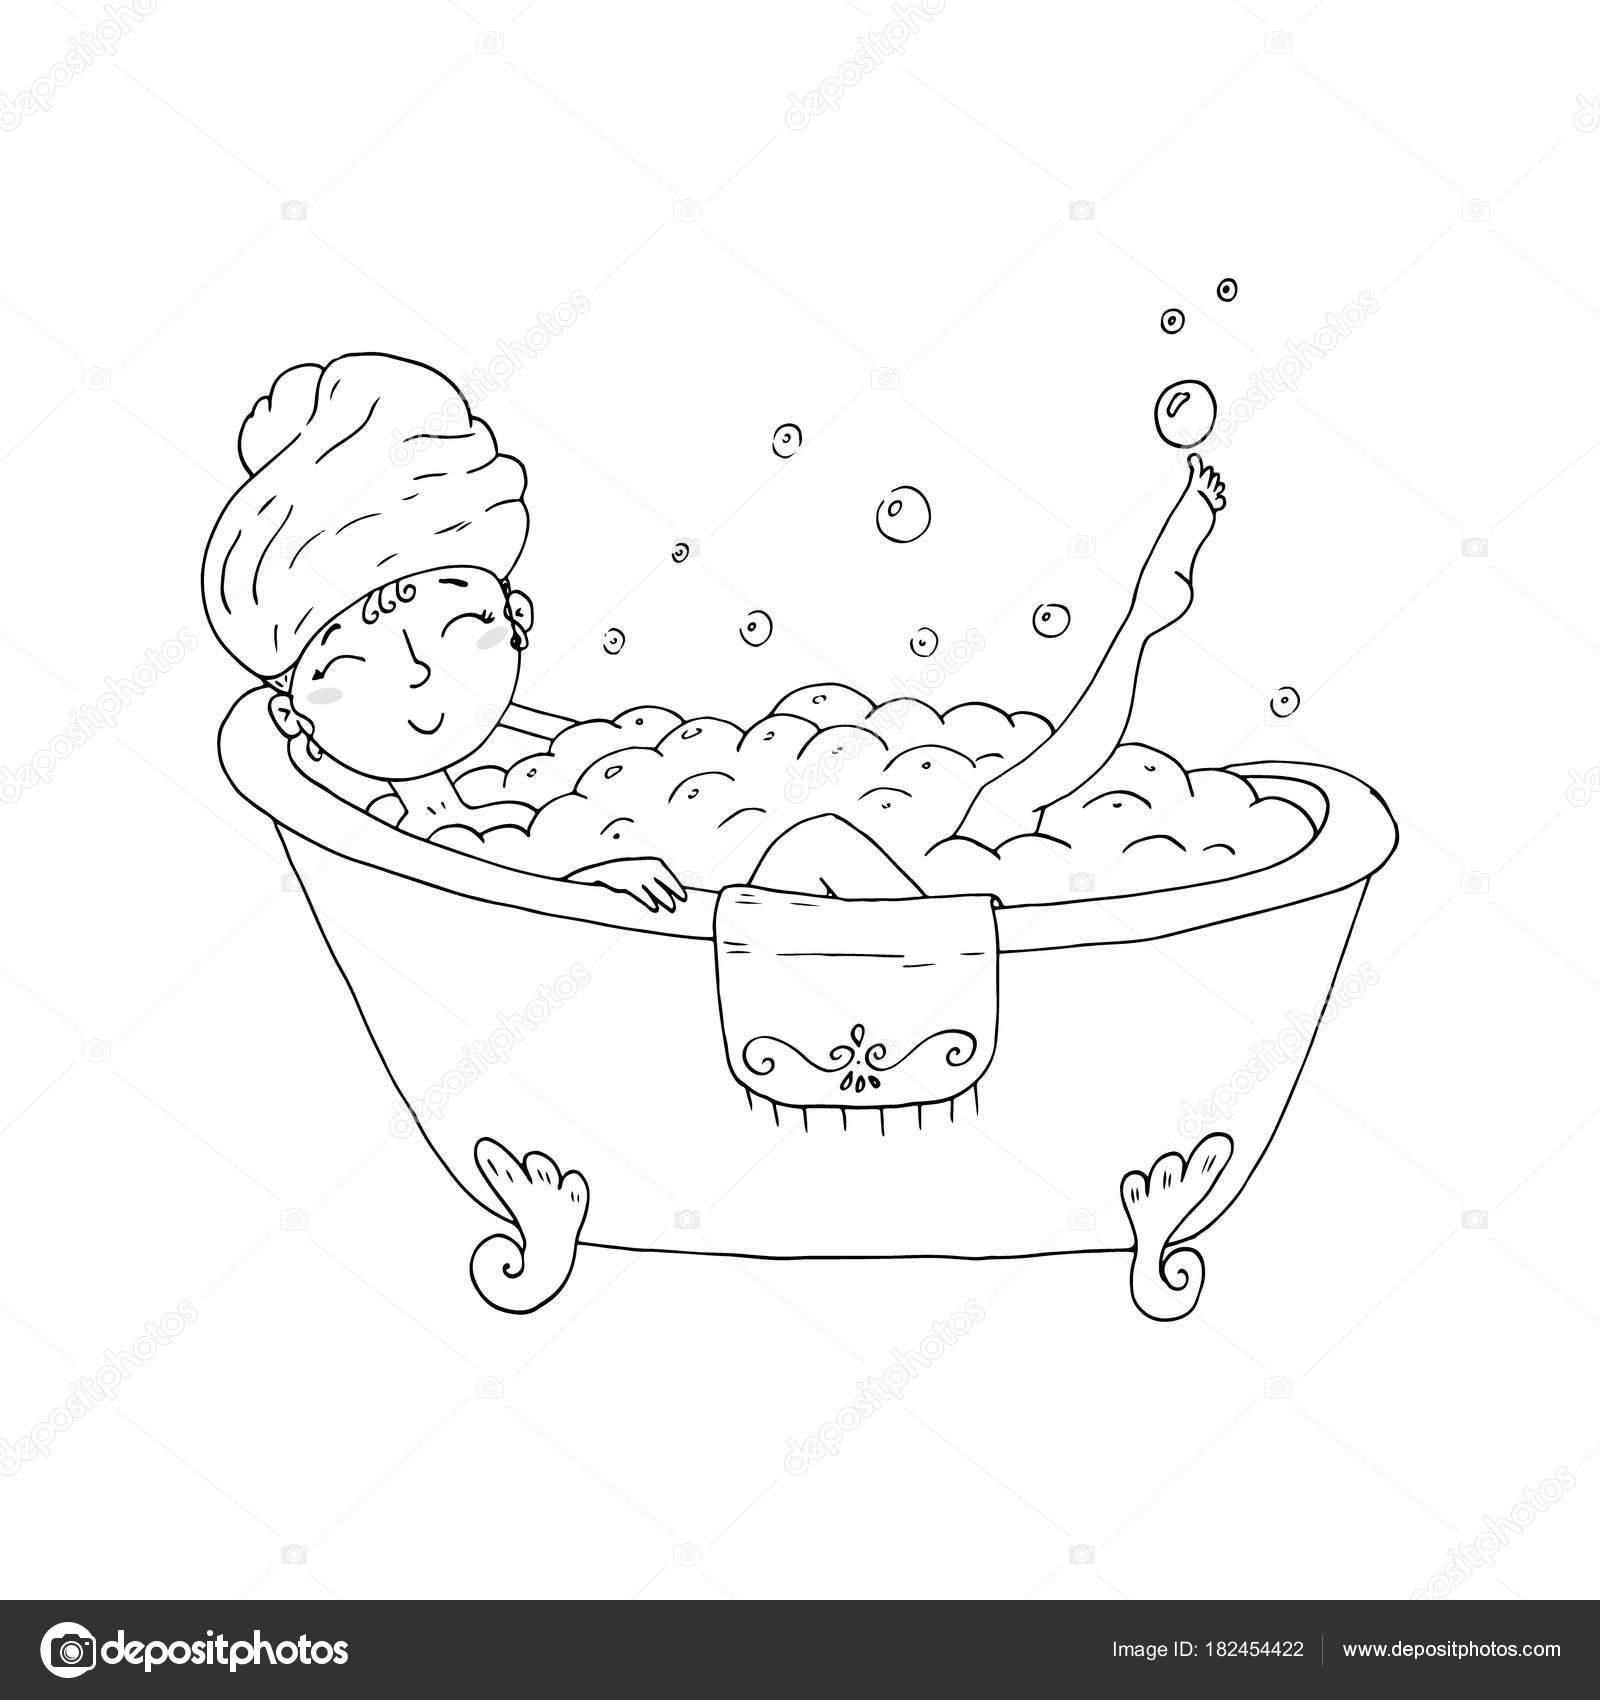 El çekilmiş Sayfa Boyama Kitabı Ile Genç Güzel Kadın Alarak Banyo